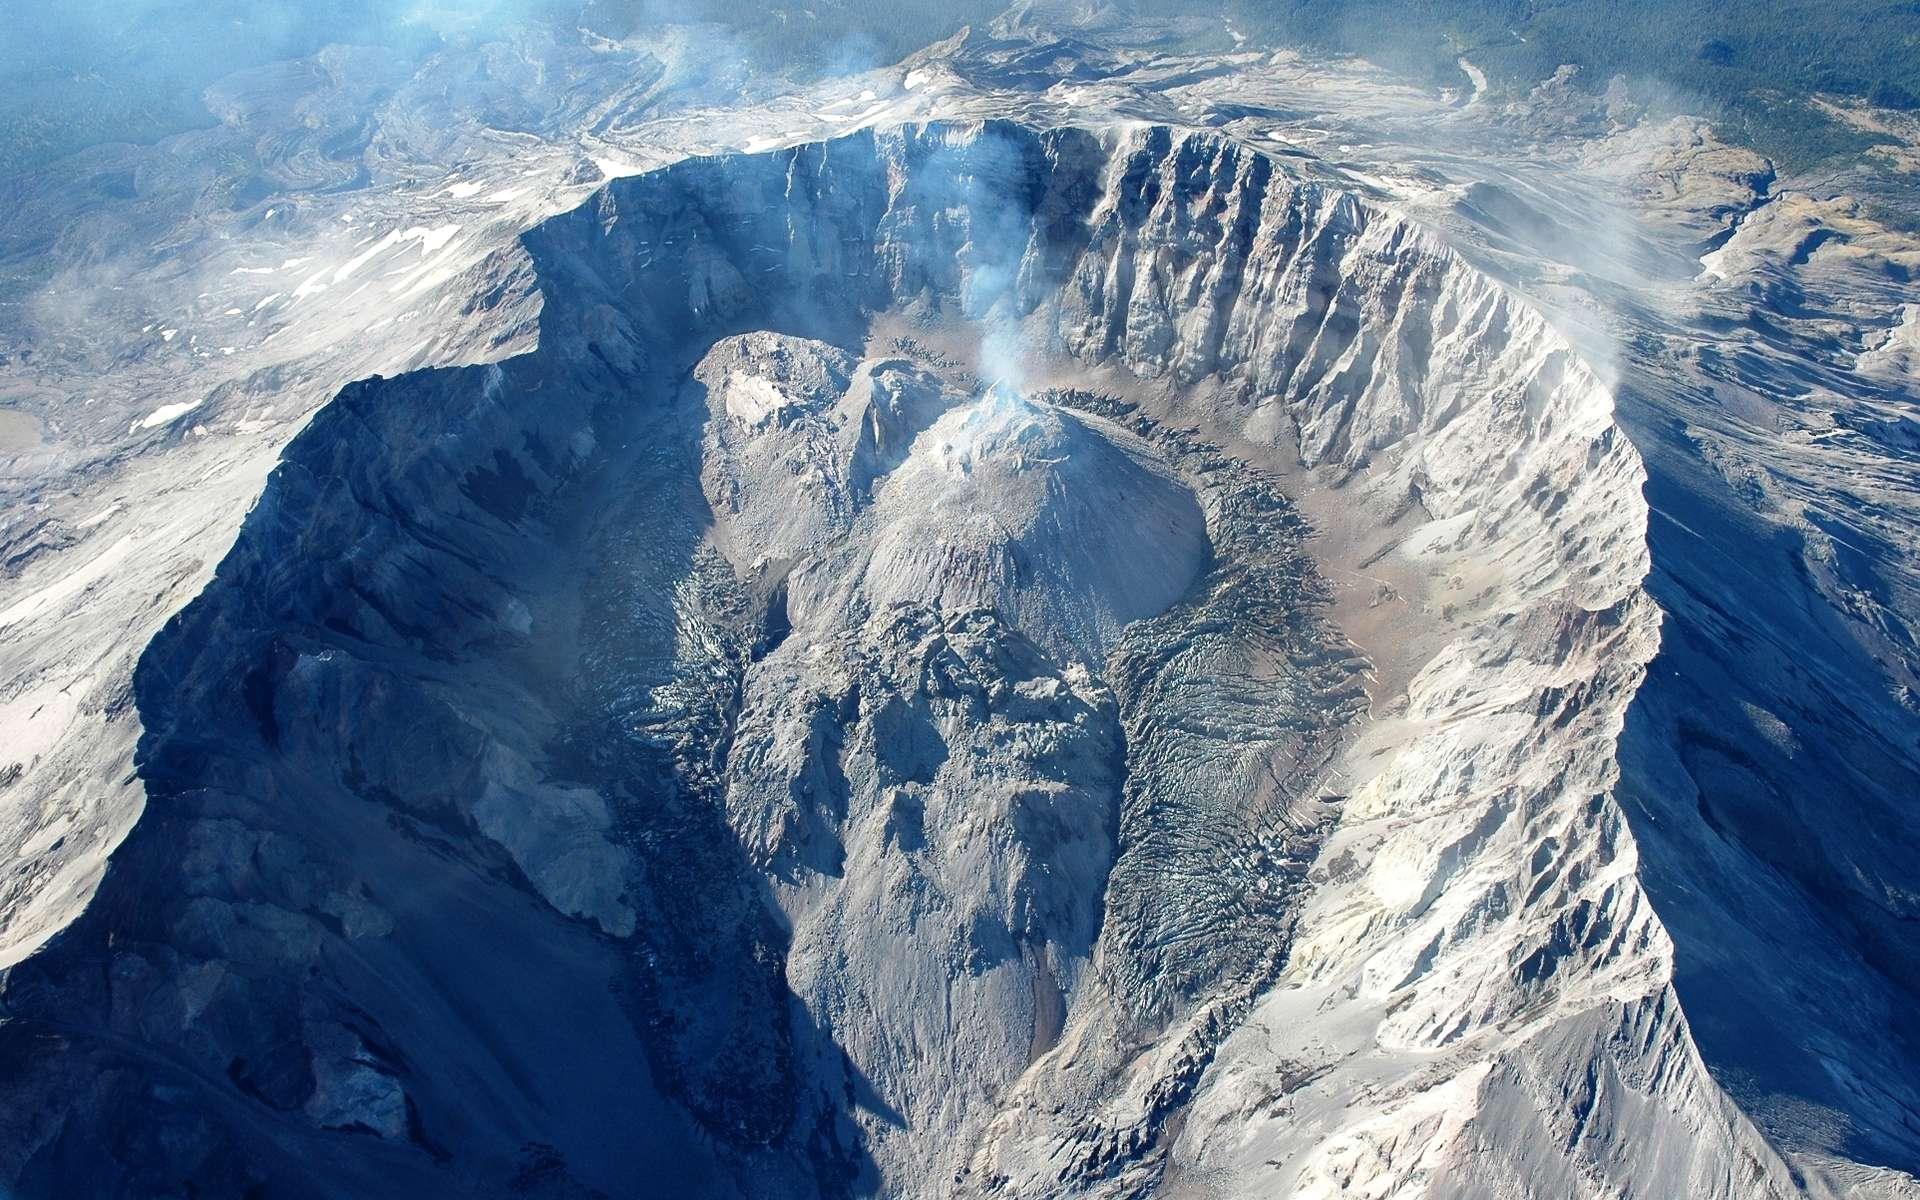 Une vue du dôme de lave visqueuse situé dans le cratère du célèbre volcan du mont Saint Helens, aux États-Unis. © USGS